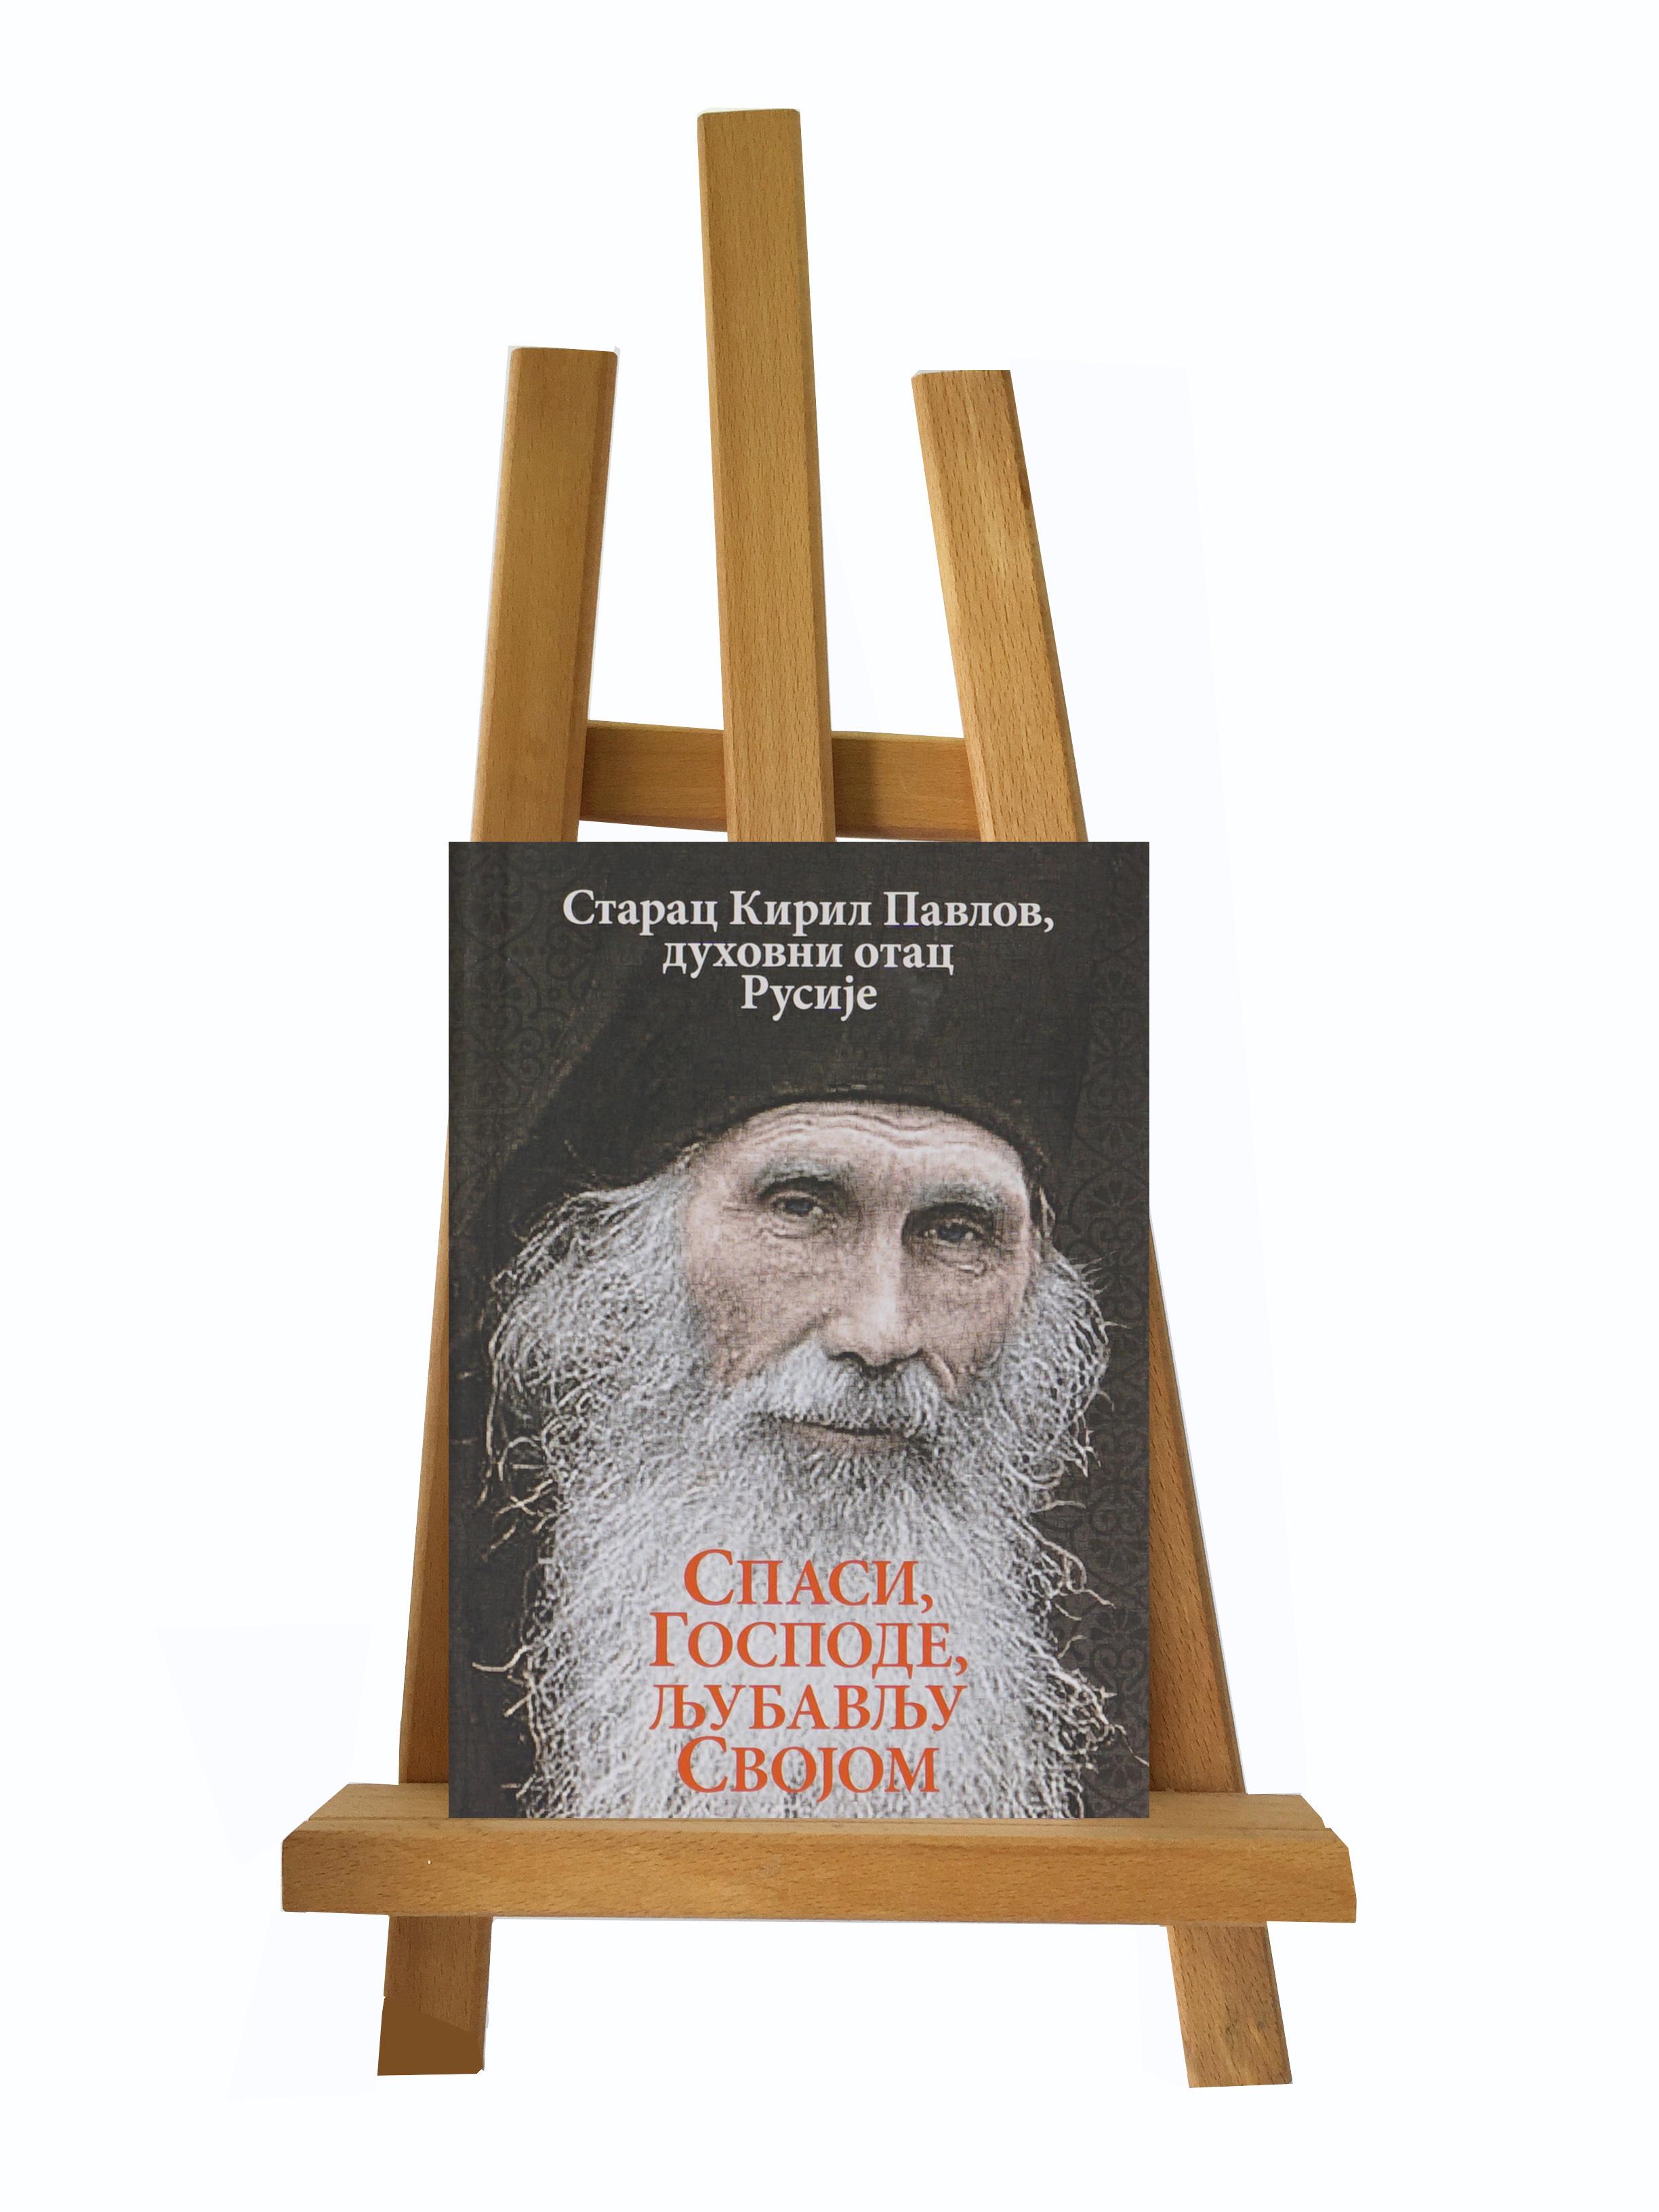 Spasi, Gospode, ljubavlju svojom, Starac Kiril Pavlov, duhovni otac Rusije